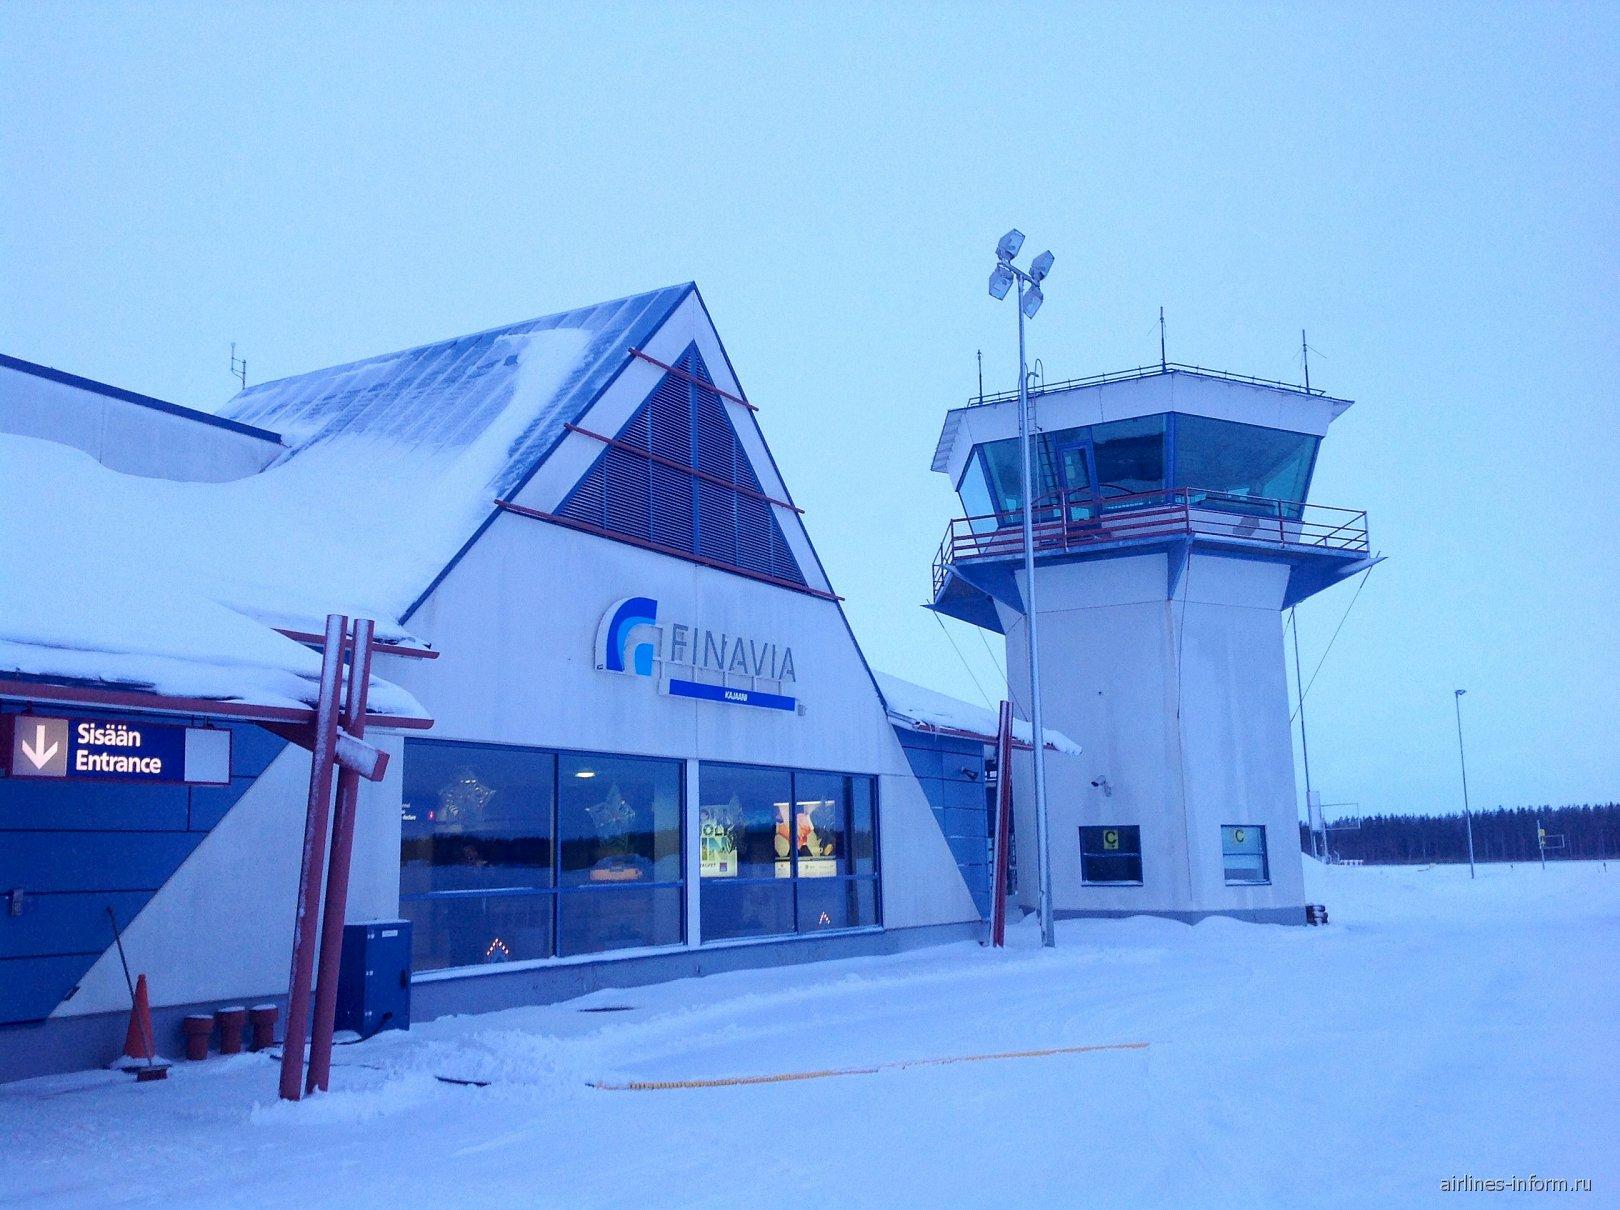 Аэровокзал и диспетчерская башня аэропорта Каяни со стороны перрона